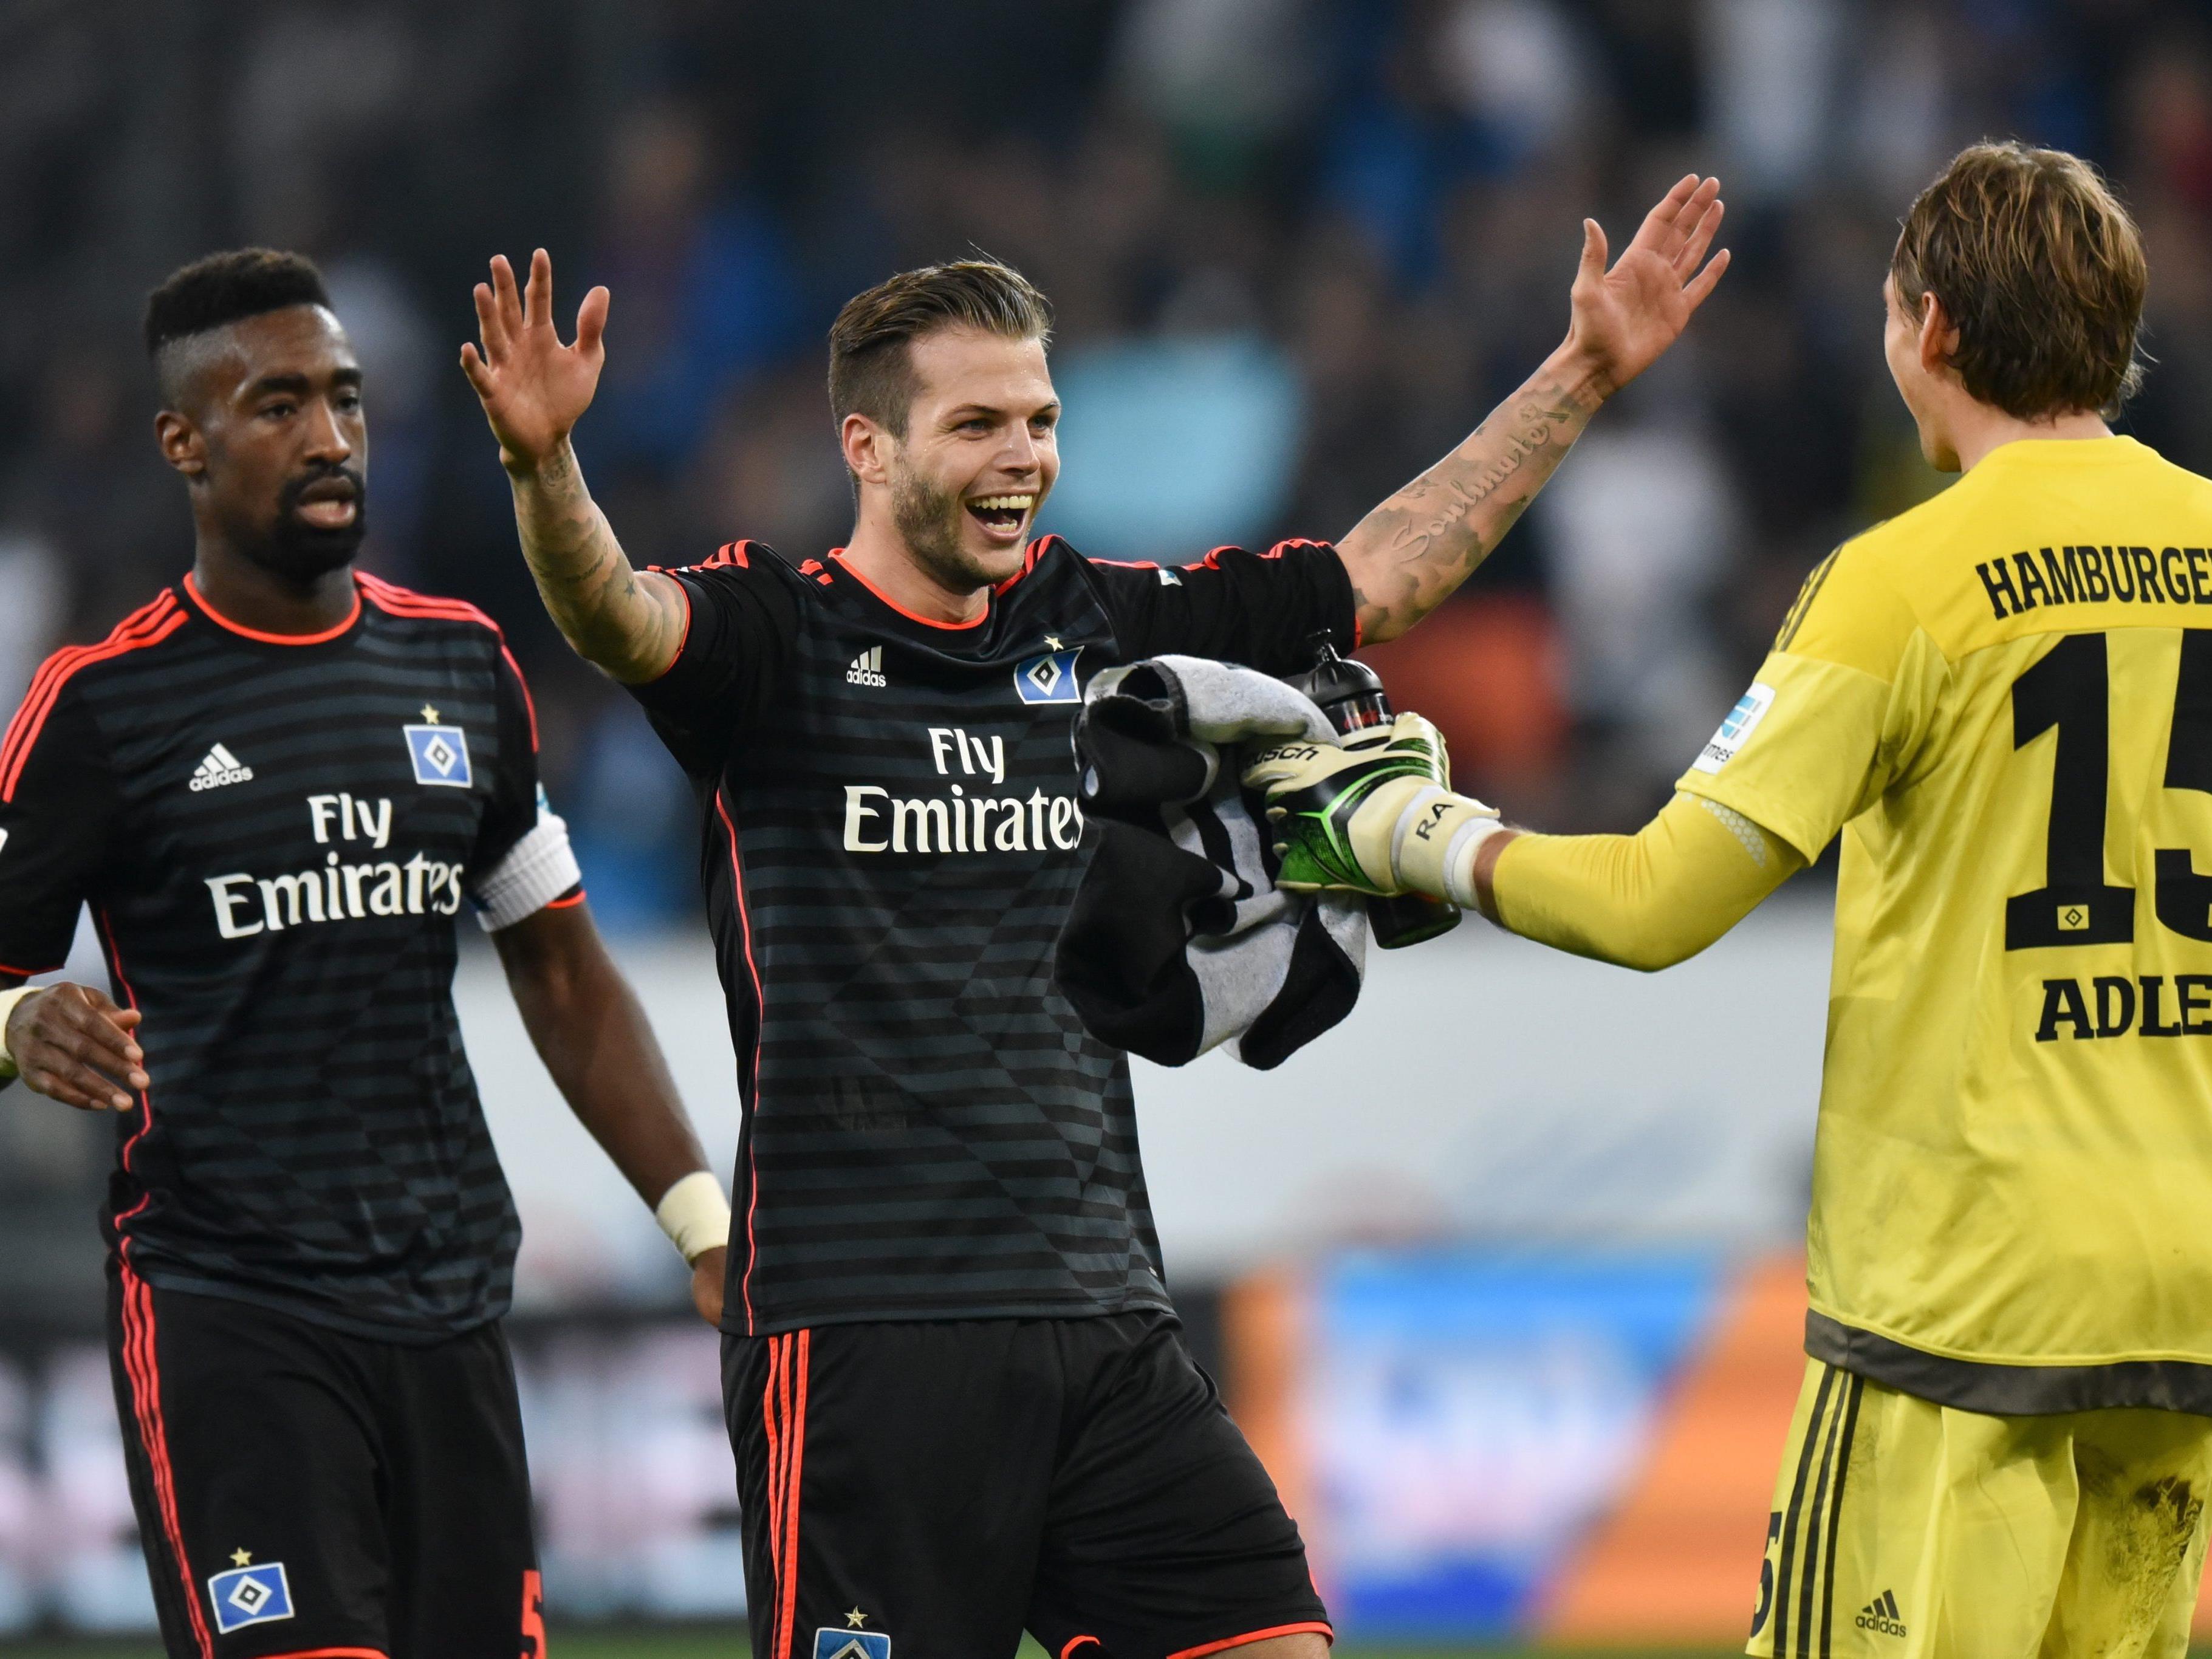 Hamburg bestreitet das letzte Spiel des 11. Spieltages gegen Hannover 96.